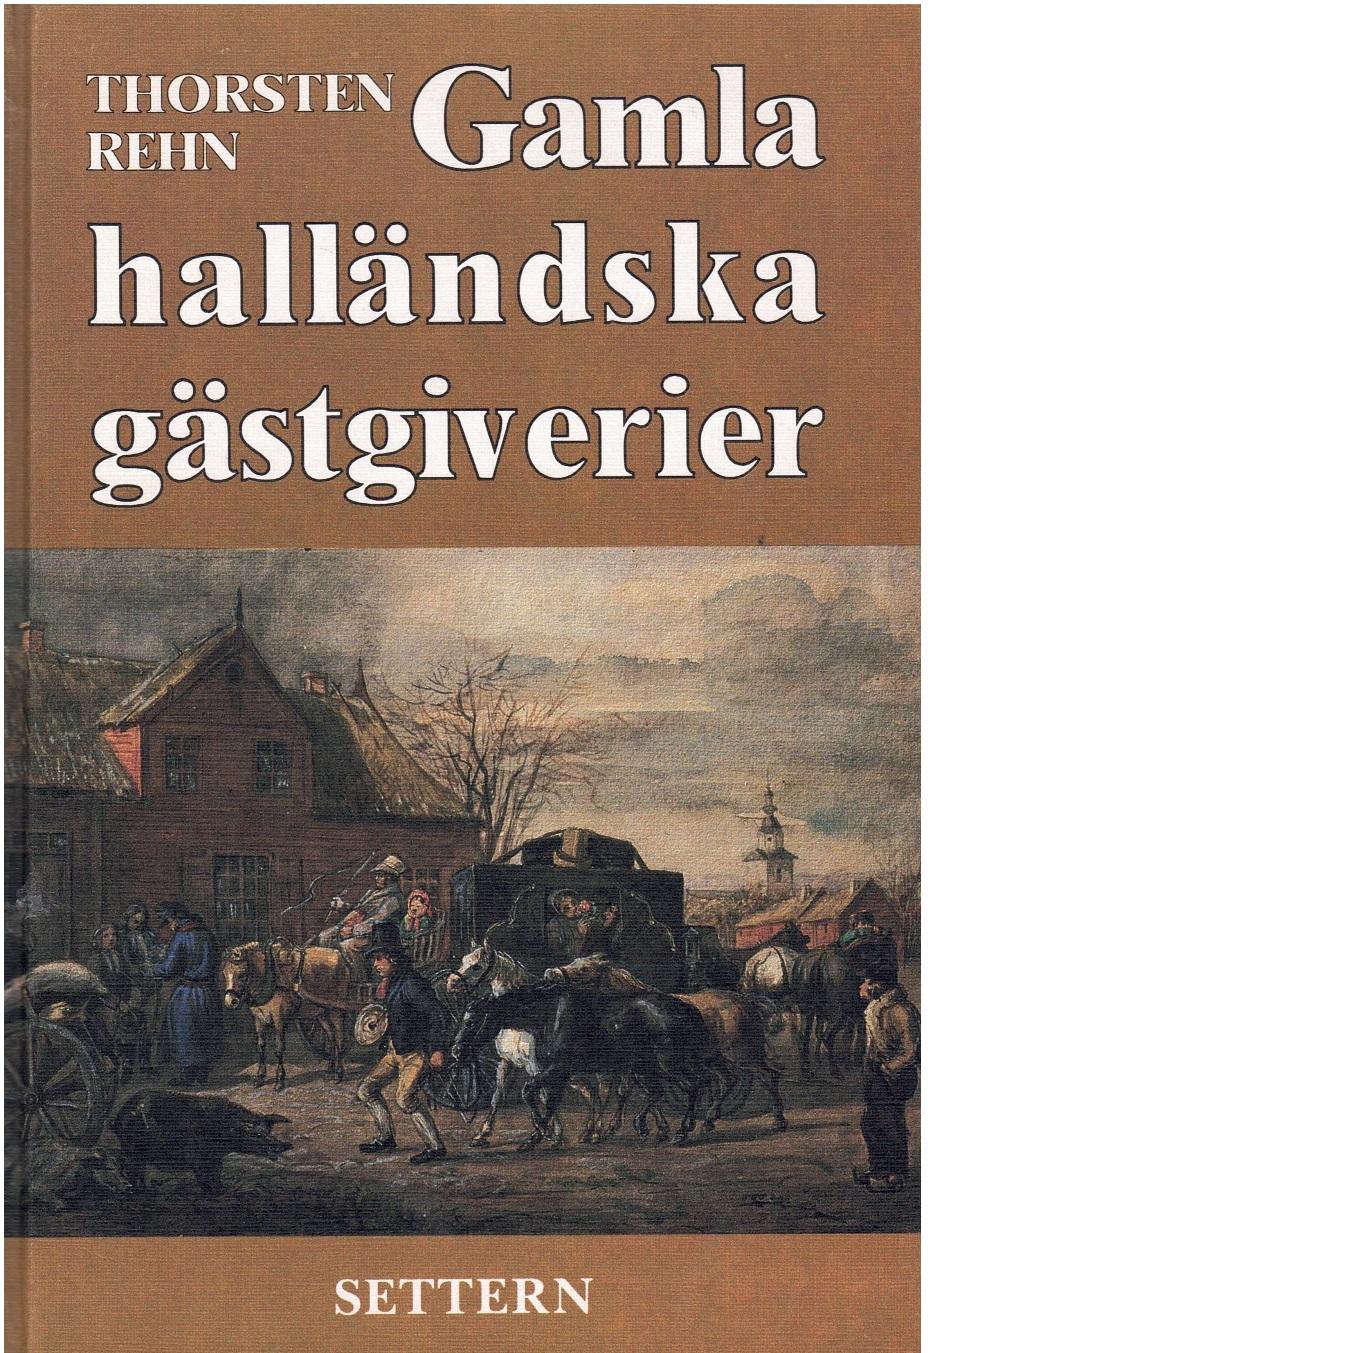 Gamla Halländska gästgiverier - Rehn, Thorsten